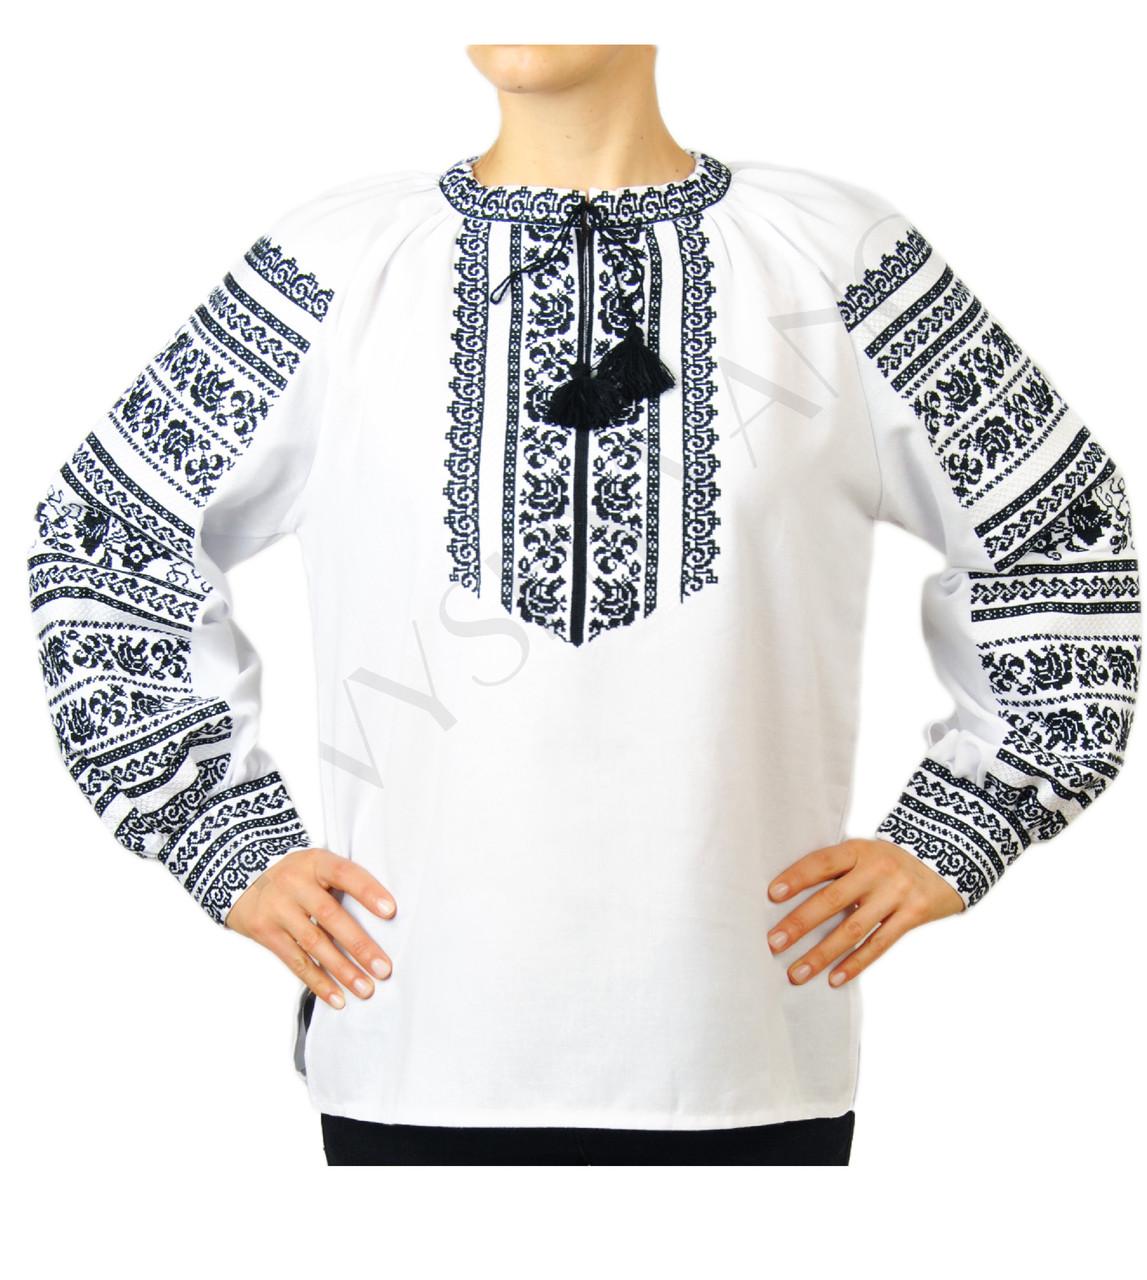 ae9bfb97ea97ec Жіноча вишиванка з якісною машинною вишивкою - Інтернет-магазин вишиванок  для всієї сім'ї